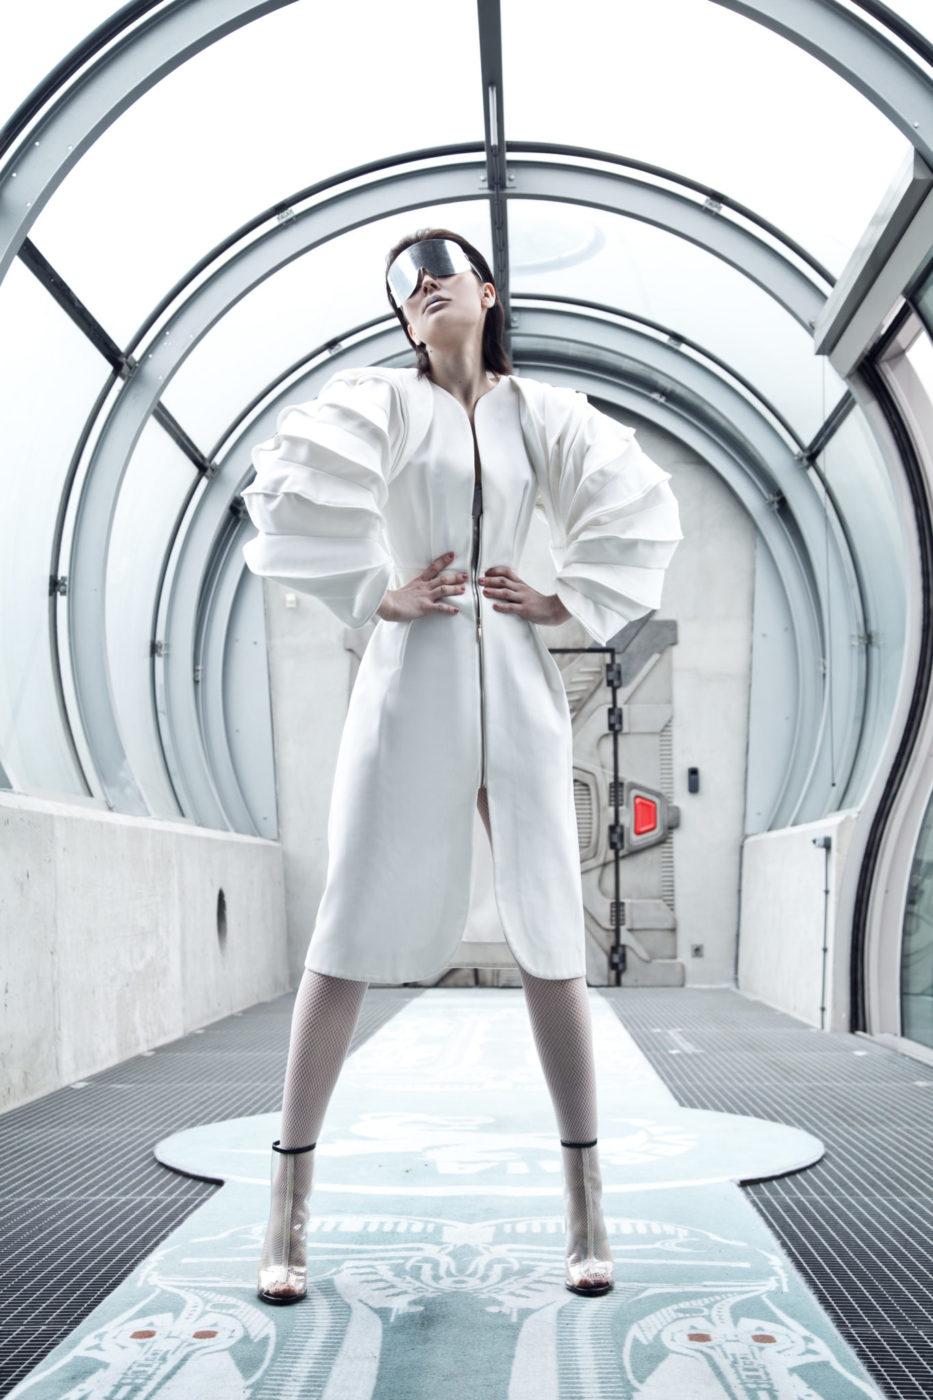 Kobieta ubrana w białą sukienkę z futurystycznymi elementami, stojąca w jasnym korytarzy, na oczach ma duże okulary